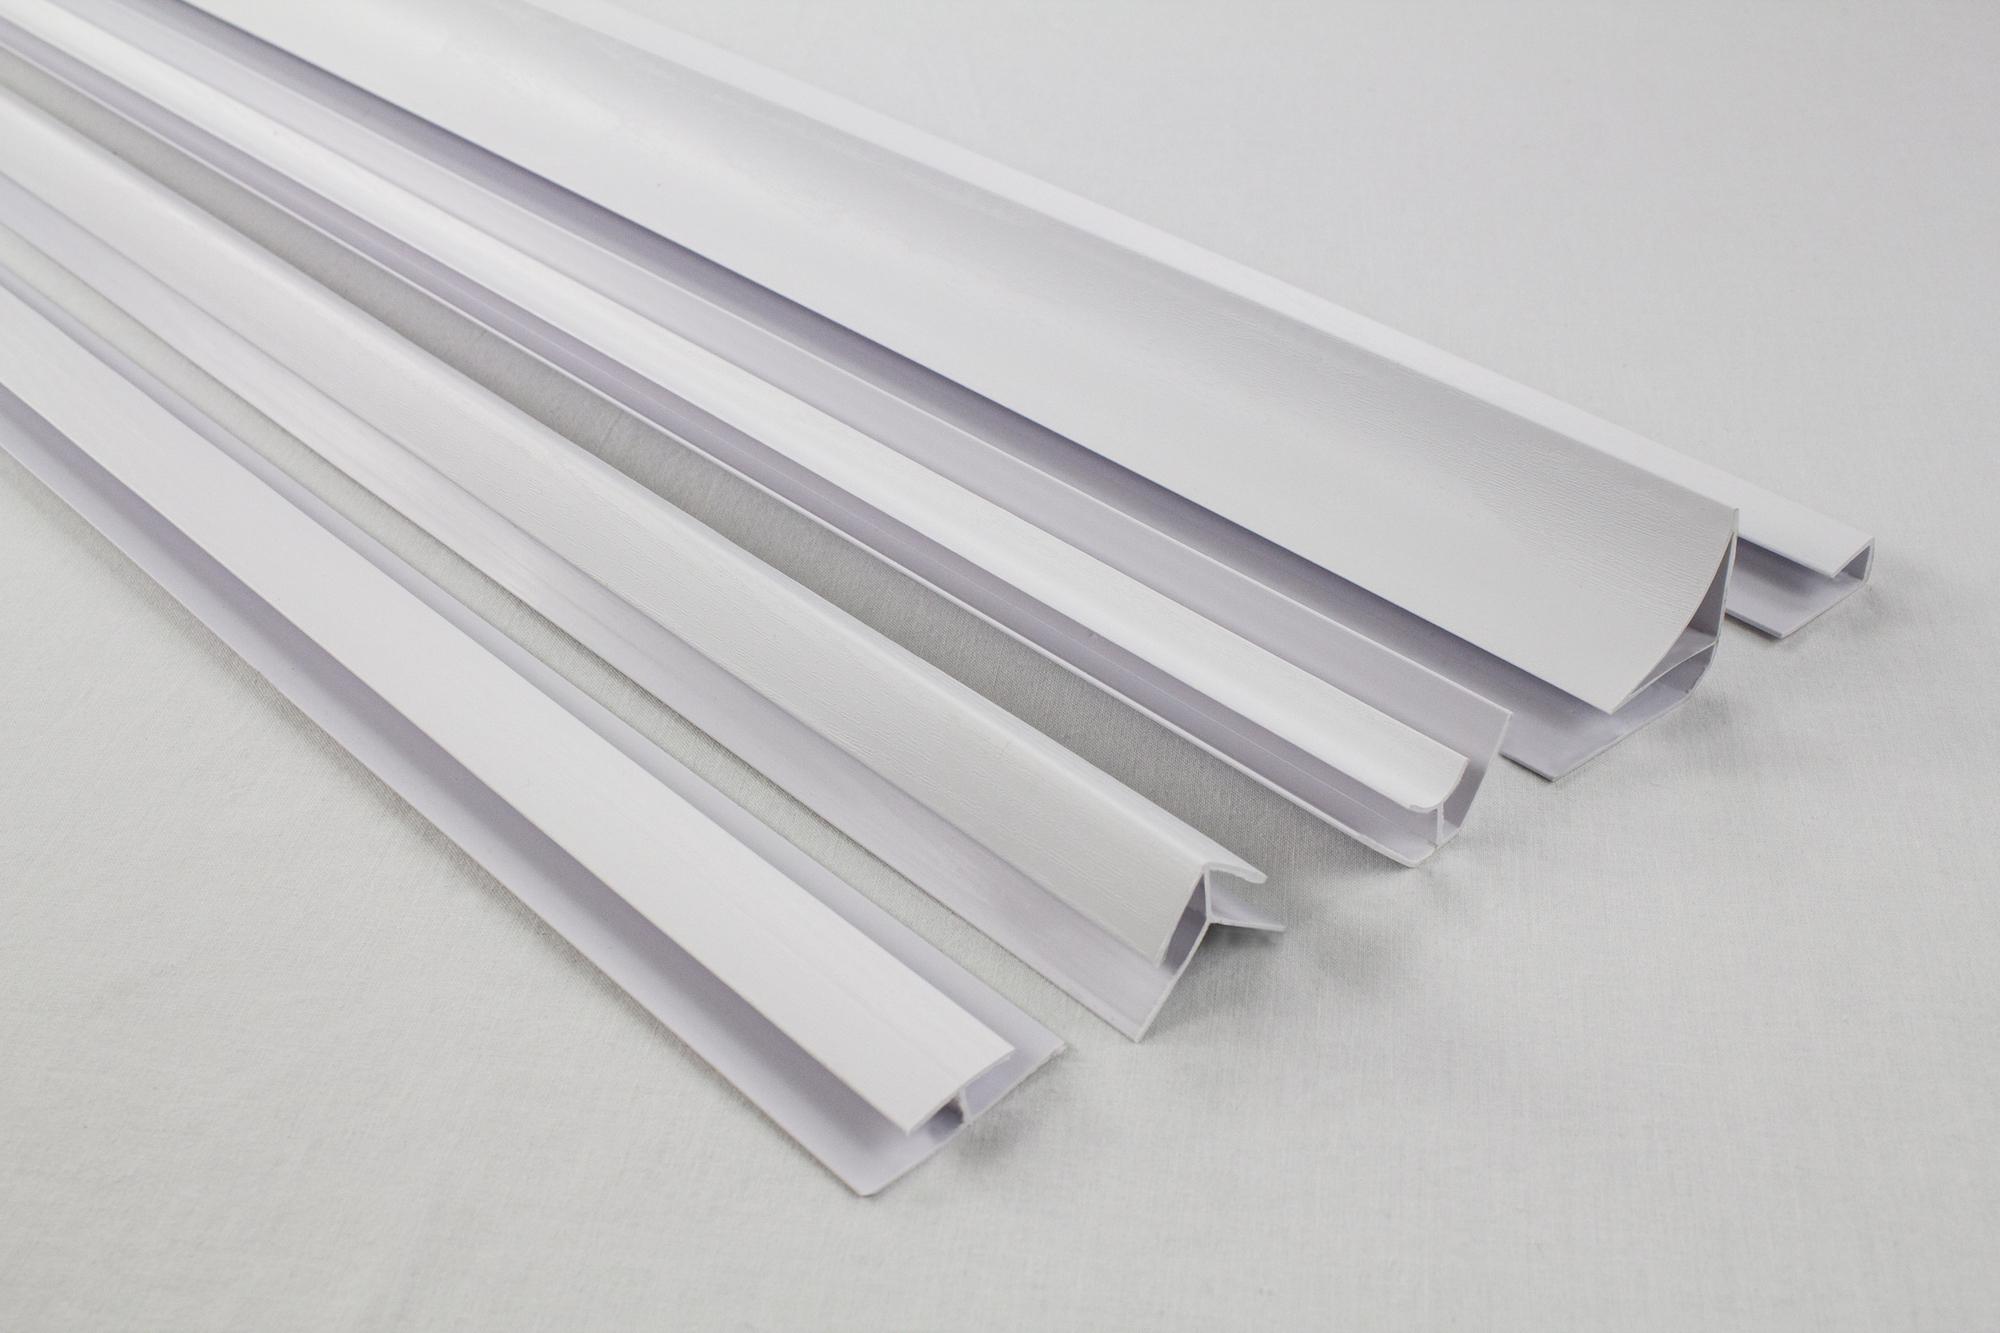 Zubeh r f r pvc paneele deckenpaneele wandpaneele innen platten s01 3 ebay - Wandpaneele kunststoff innen ...